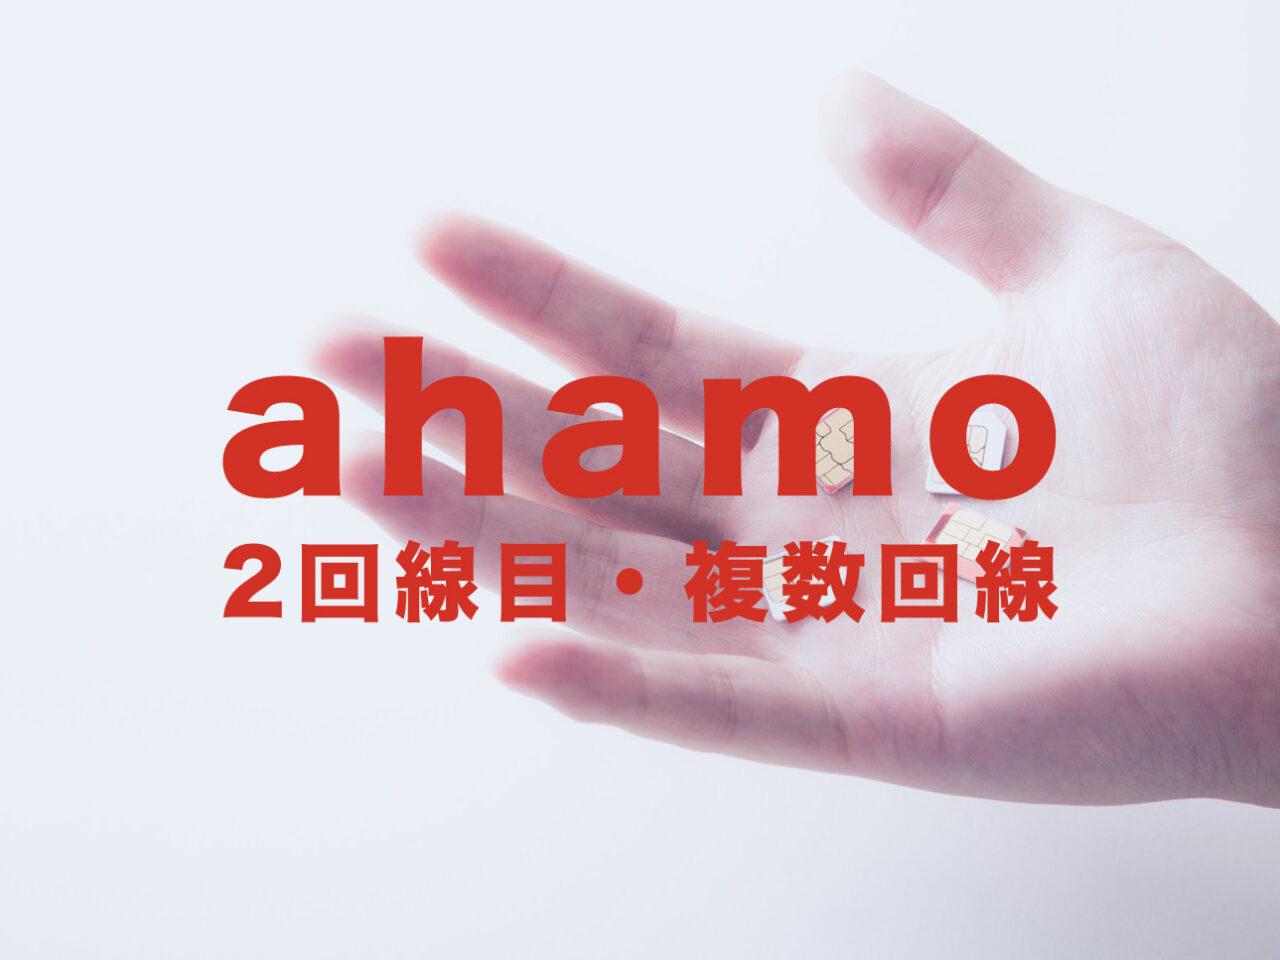 ahamo(アハモ)で複数回線や2回線目は持てる?同一名義で申し込みや契約は?のサムネイル画像